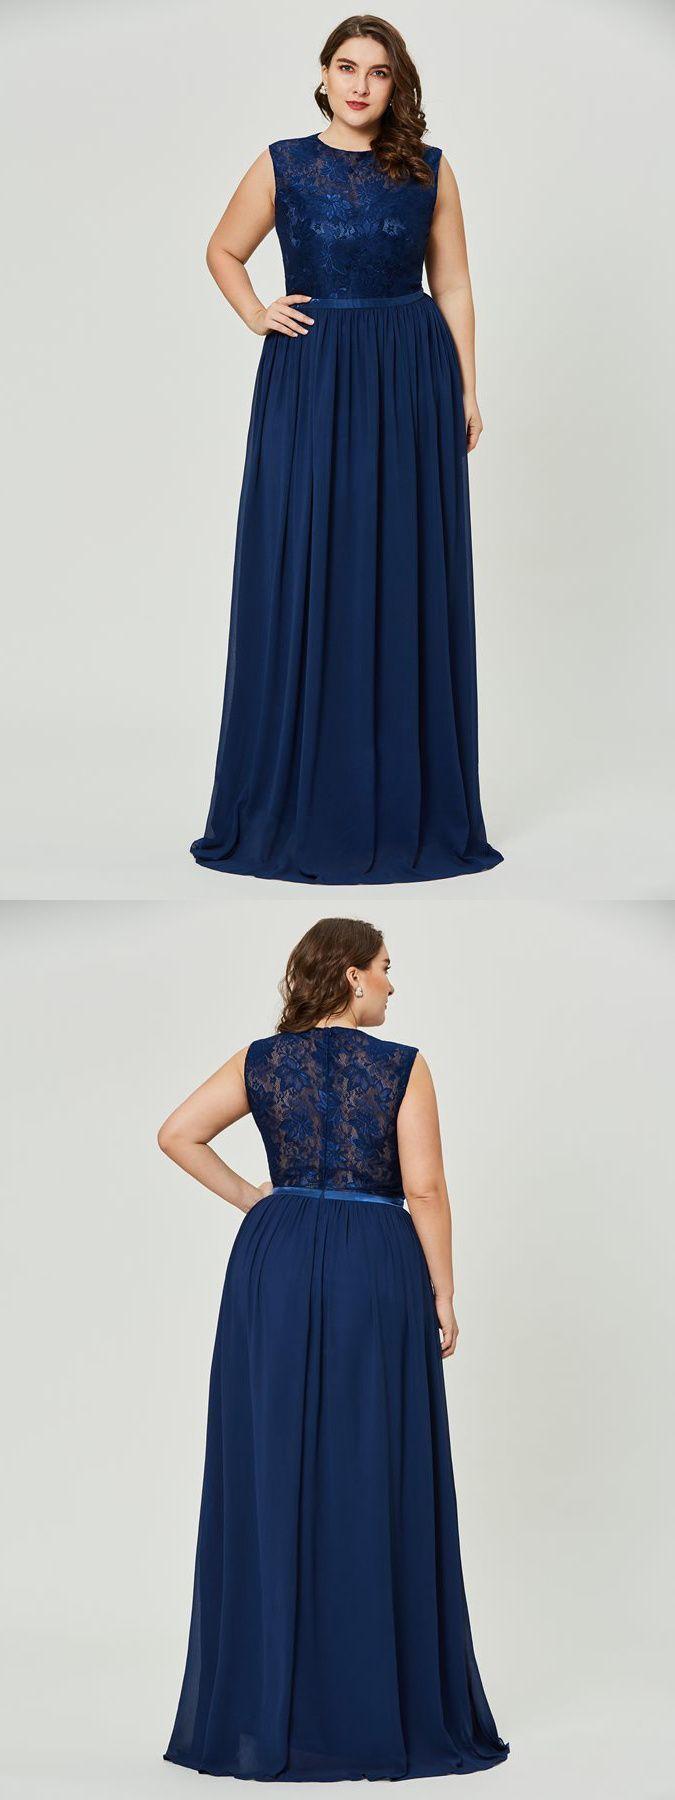 robes de soirée longues et grandes robes de demoiselle d&39